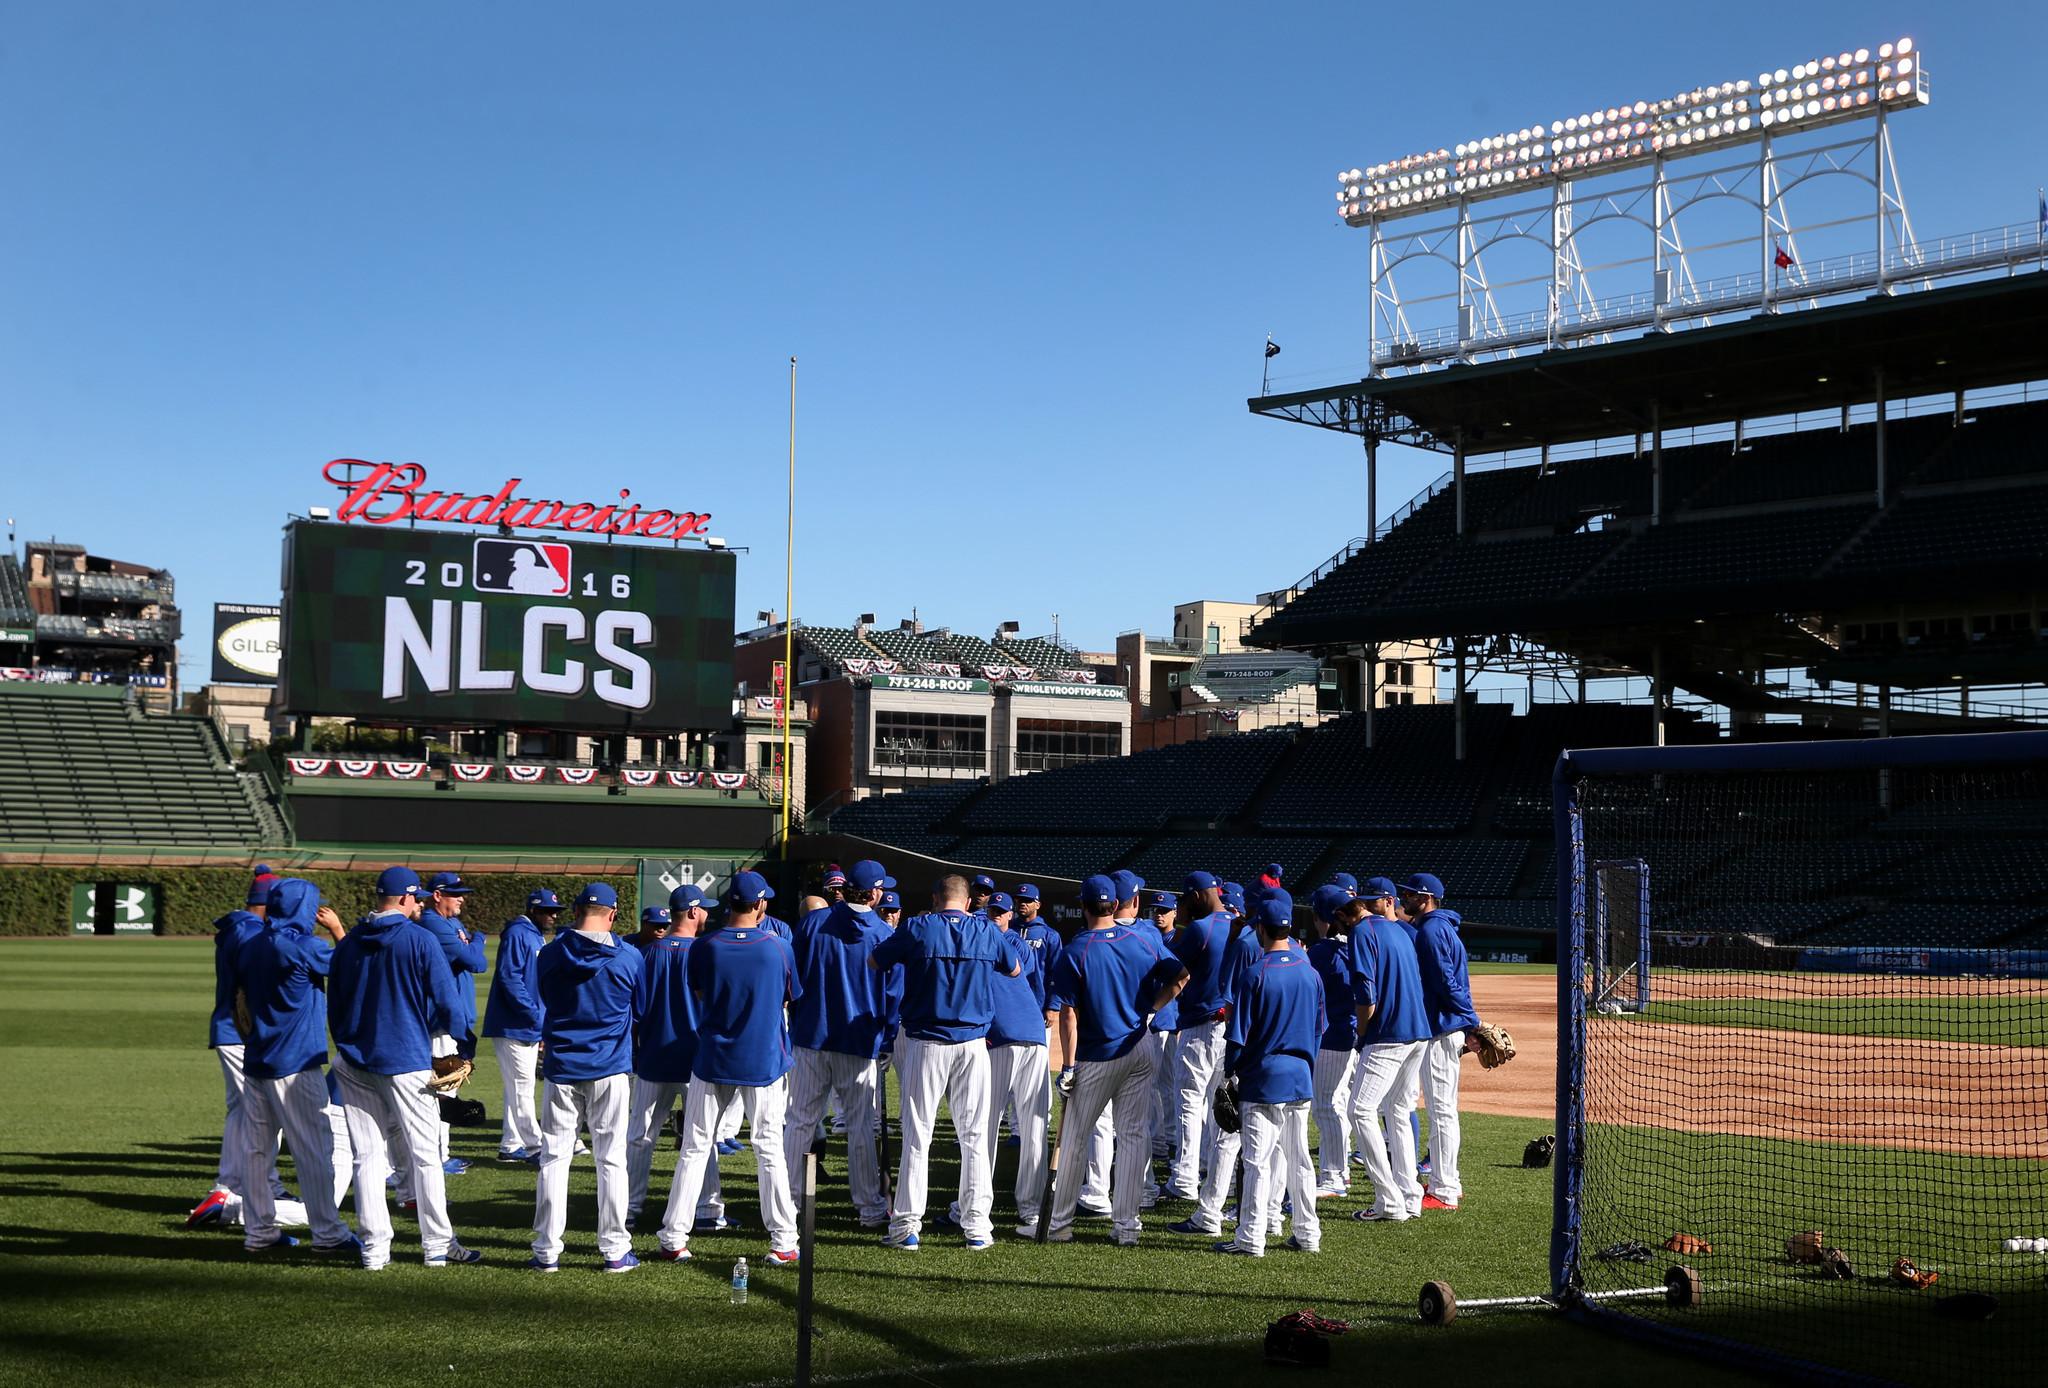 cubs dodgers nlcs preview matchups predictions series recaps   chicago tribune